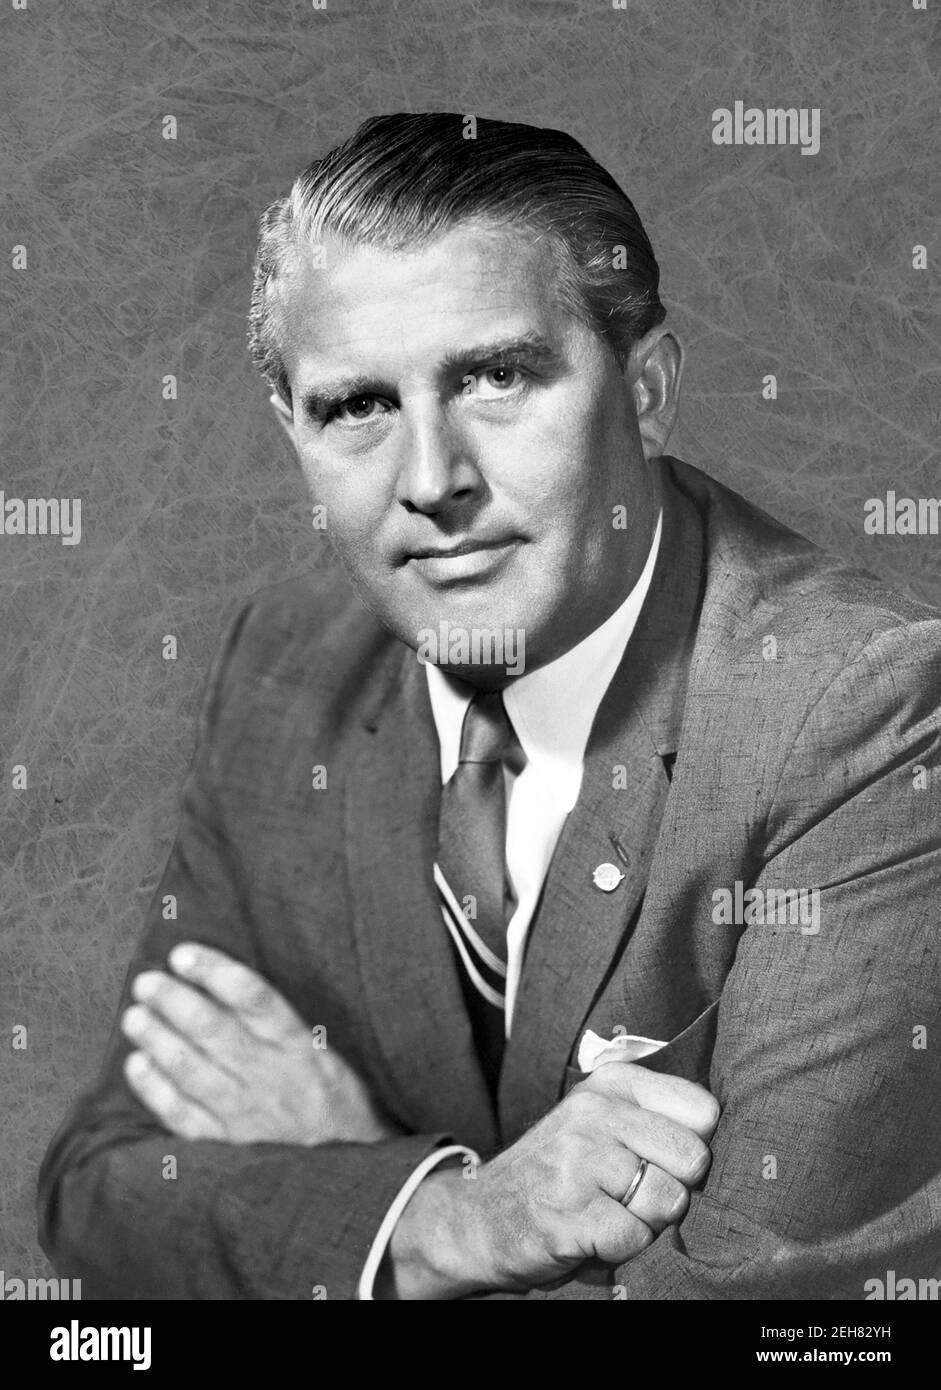 Wernher von Braun. Retrato del ingeniero aeroespacial alemán/americano y pionero de cohetes, Wernher Magnus Maximilian Freiherr von Braun (1912-1977), 1960 Foto de stock